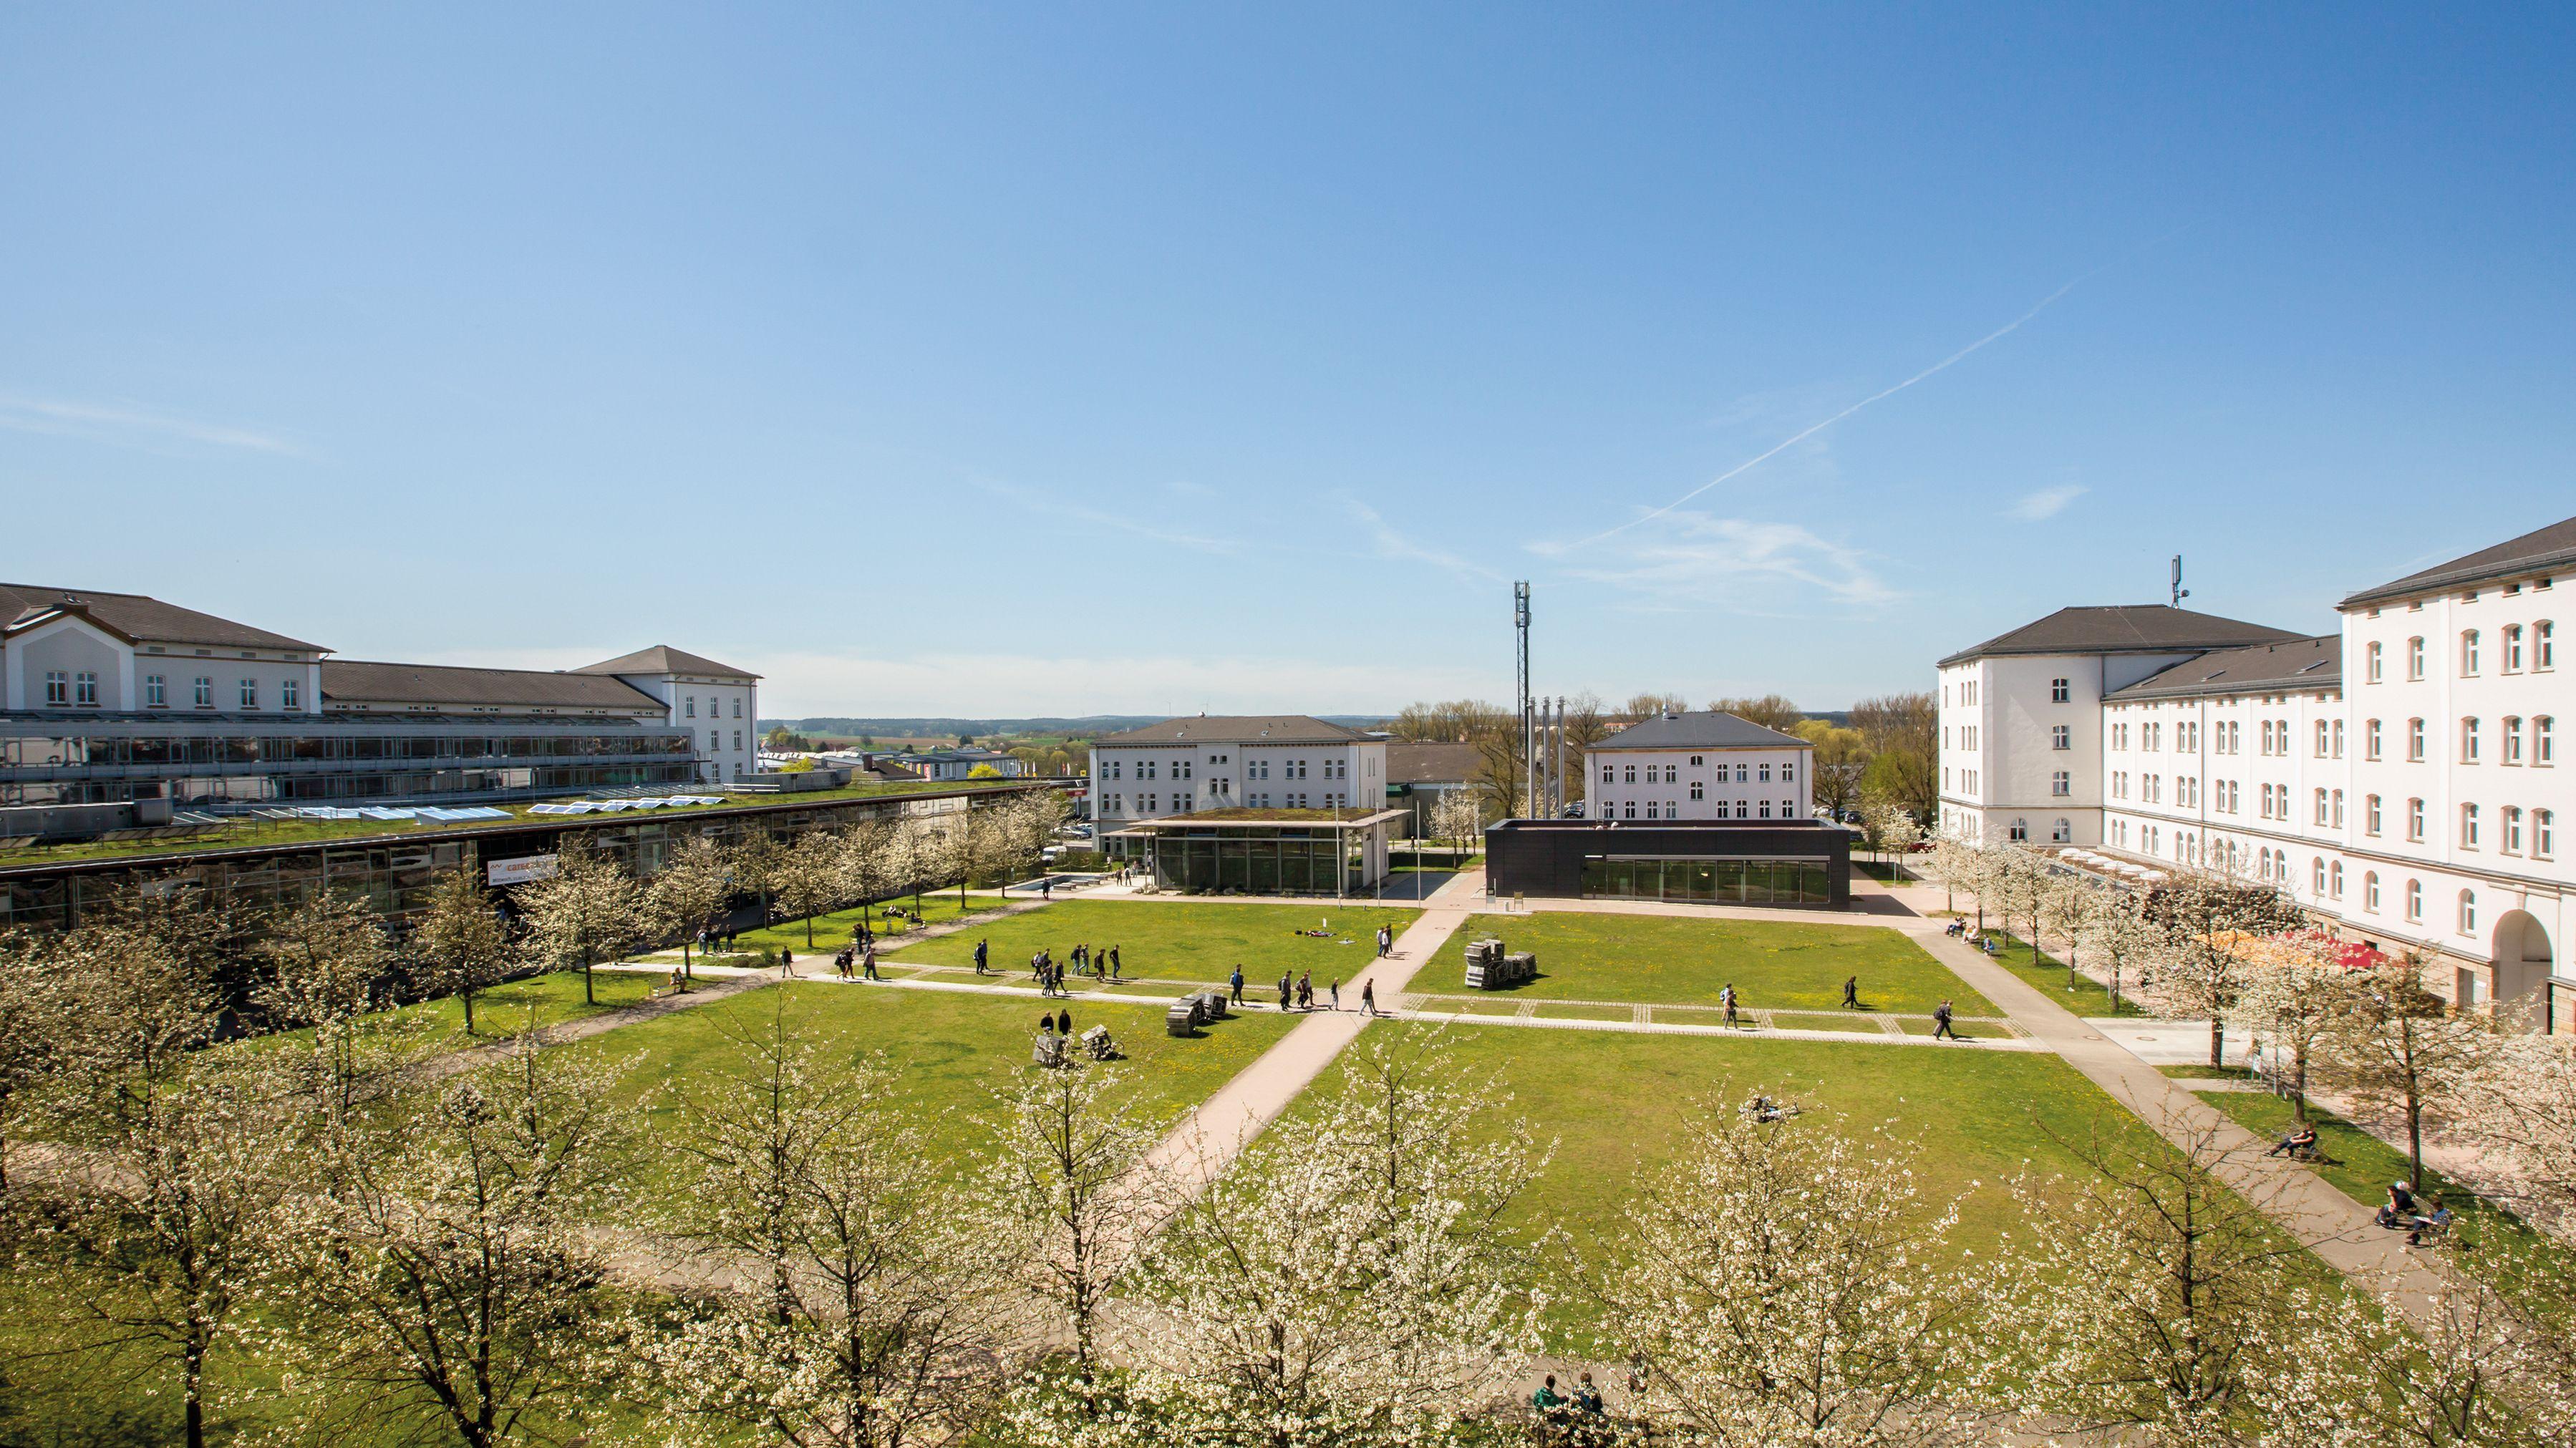 Am Campus in Amberg findet die Jubiläumsfeier statt.